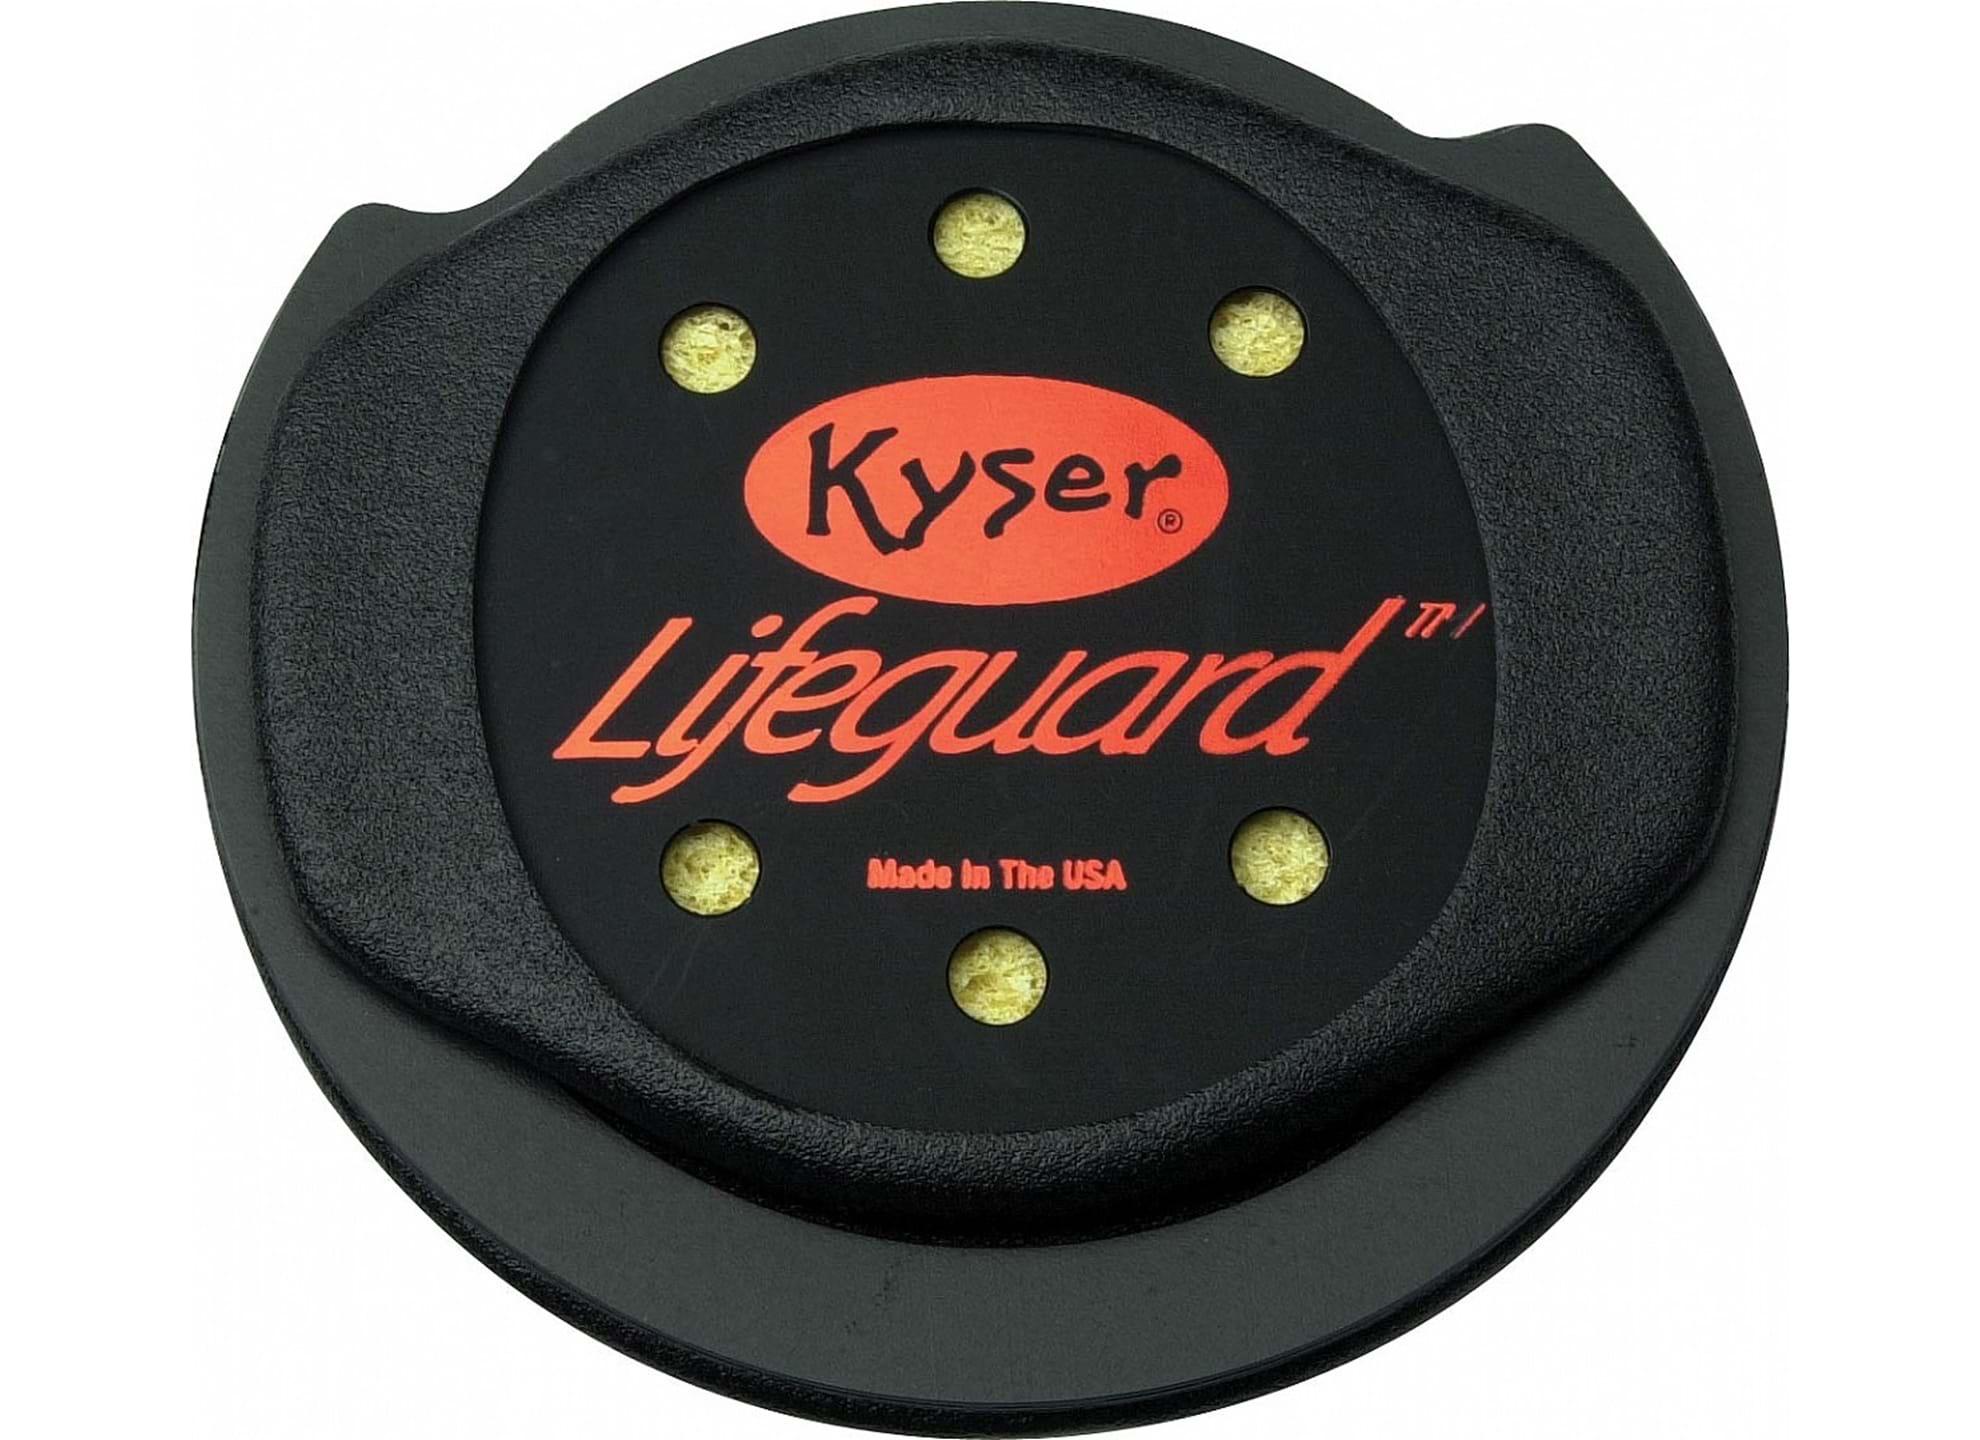 Lifeguard nylon